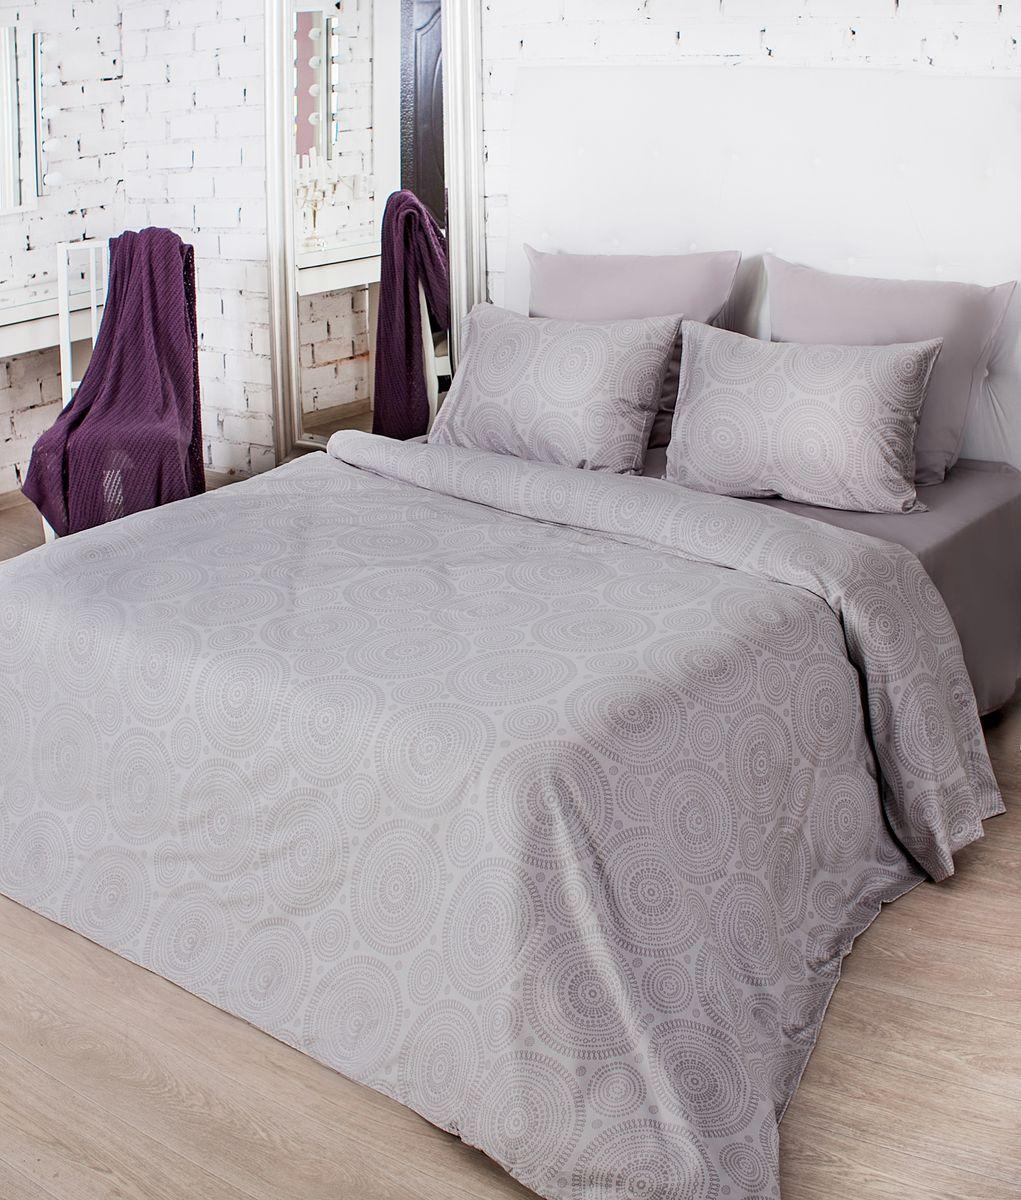 Комплект белья La Prima Тиффани (1,5-спальный КПБ, мако-сатин, наволочка-трансформер 50х70/70х70), серый553/0223200/1397Дизайн Тиффани - графичный дизайн сложного и глубокого коричнево-серого оттенка. Его самое главное достоинство заключается в том, что он великолепно сочетается со всеми остальными цветами. А графичный рисунок коричневого цвета прекрасно его дополняет. Особенную изысканность, шелковистость и мягкость постельному белью придает ткань Мако-сатин, из которой оно выполнено. Мако-сатин - 100% хлопок - натуральный материал высочайшего качества, который обеспечивает глубокий и здоровый сон. Постельное белье неверояно приятное на ощупь, имеет благородный блеск, который достигается путем особого кручения нити. Кроме того, постельно белье Мако-сатин отличает особая прочность и износостойкость, оно очень приятное и легкое в уходе.